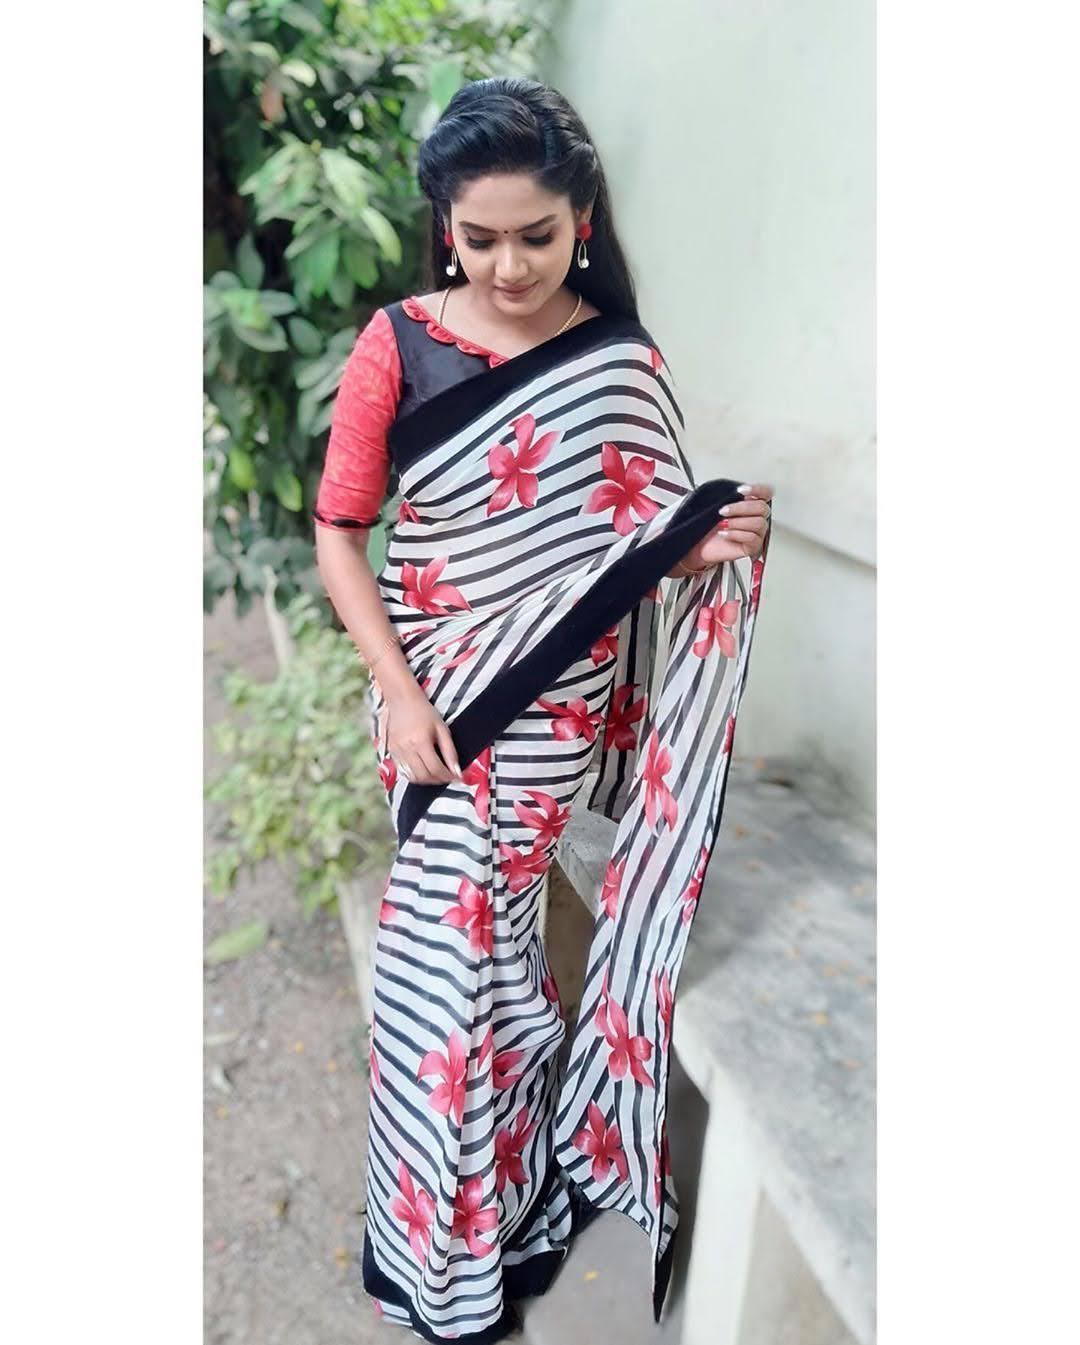 sai-gayatri-bhuvanesh-8727